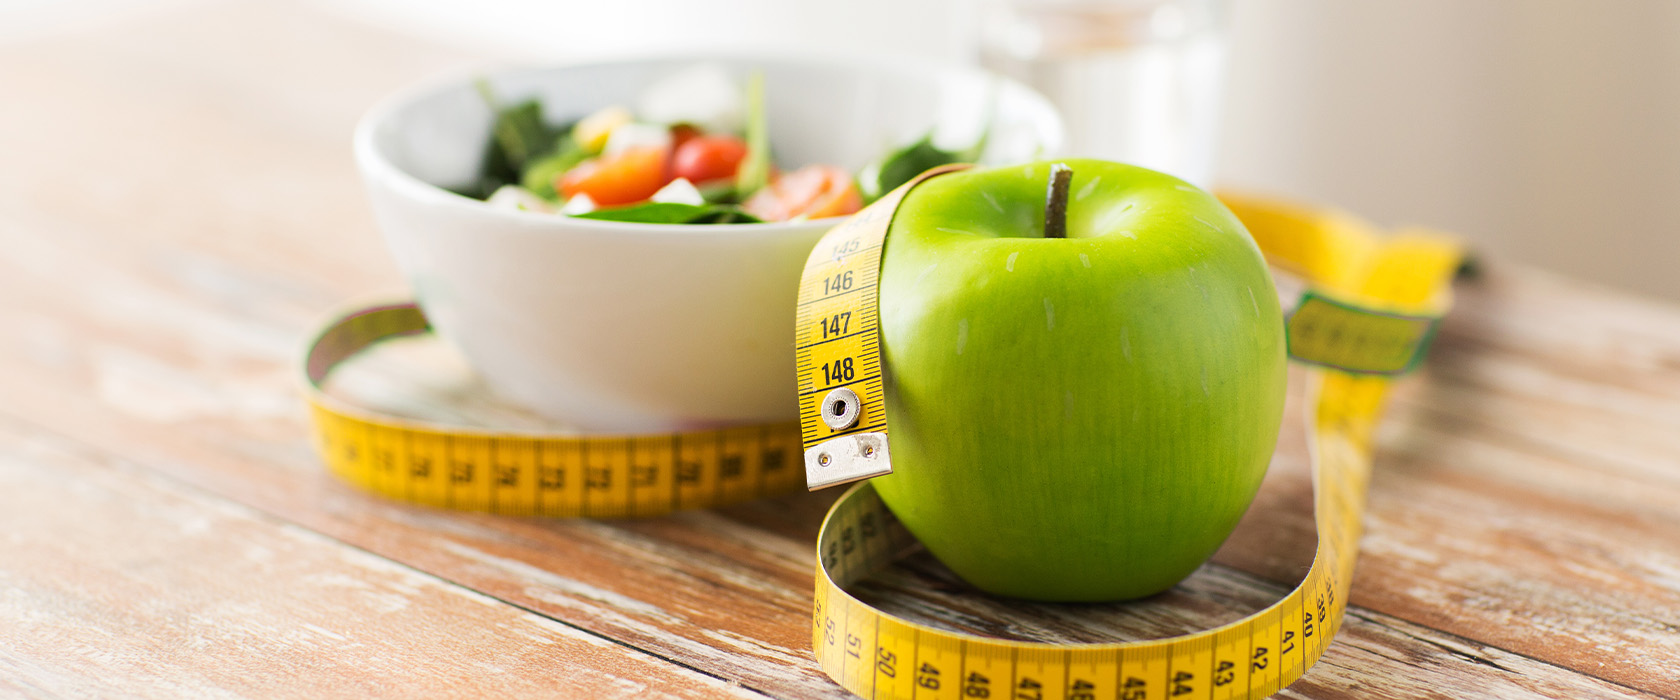 Польза и вред вегетарианства реферат 5201